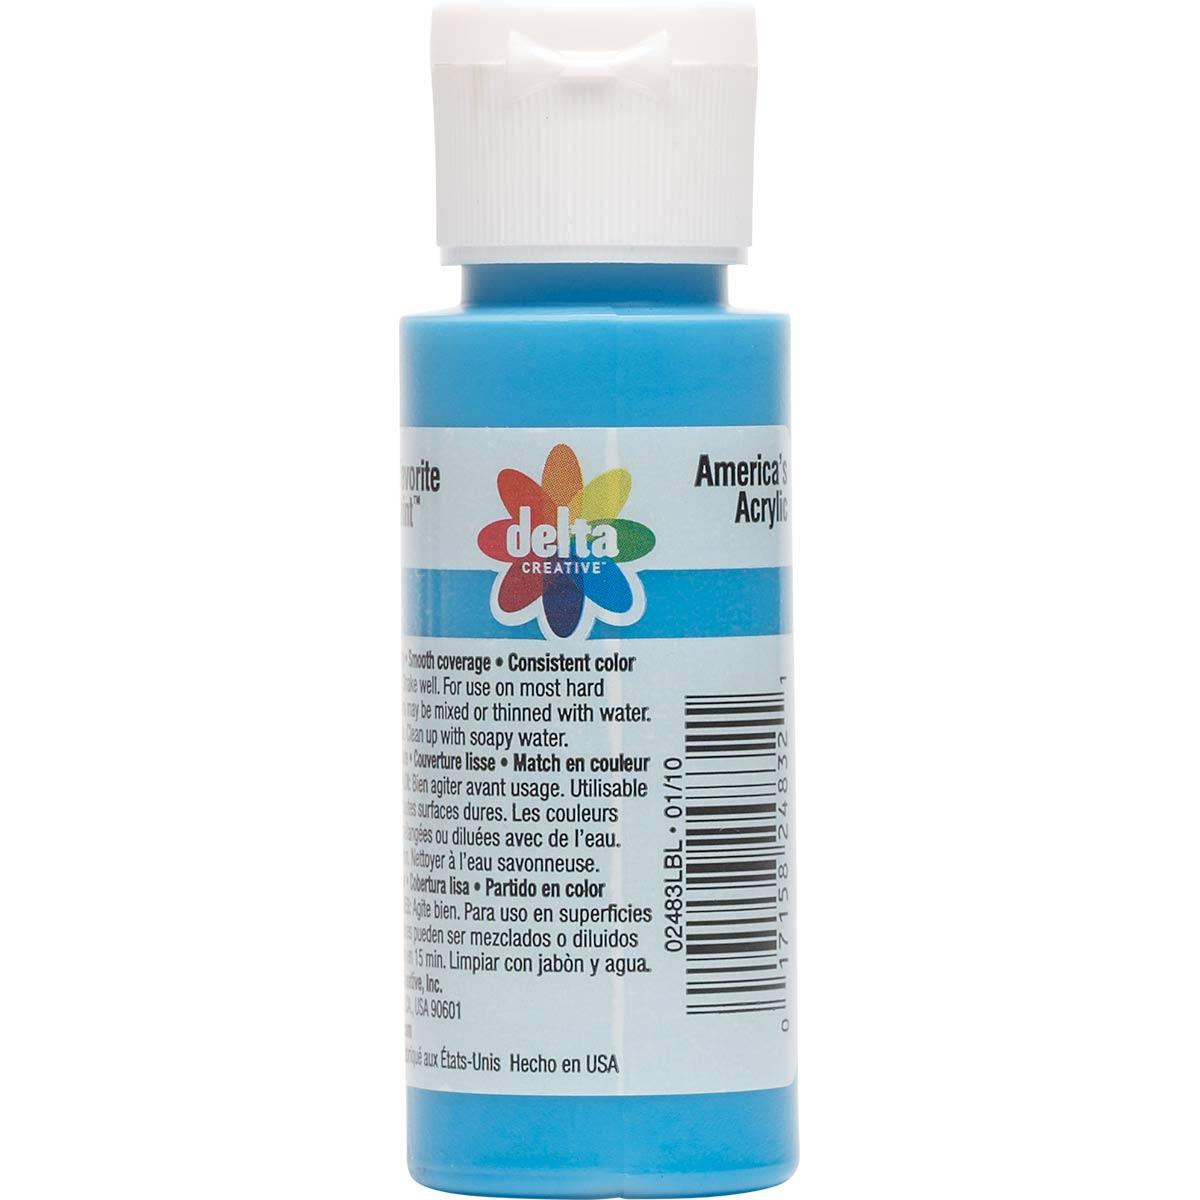 Delta Ceramcoat ® Acrylic Paint - Azure Blue, 2 oz.